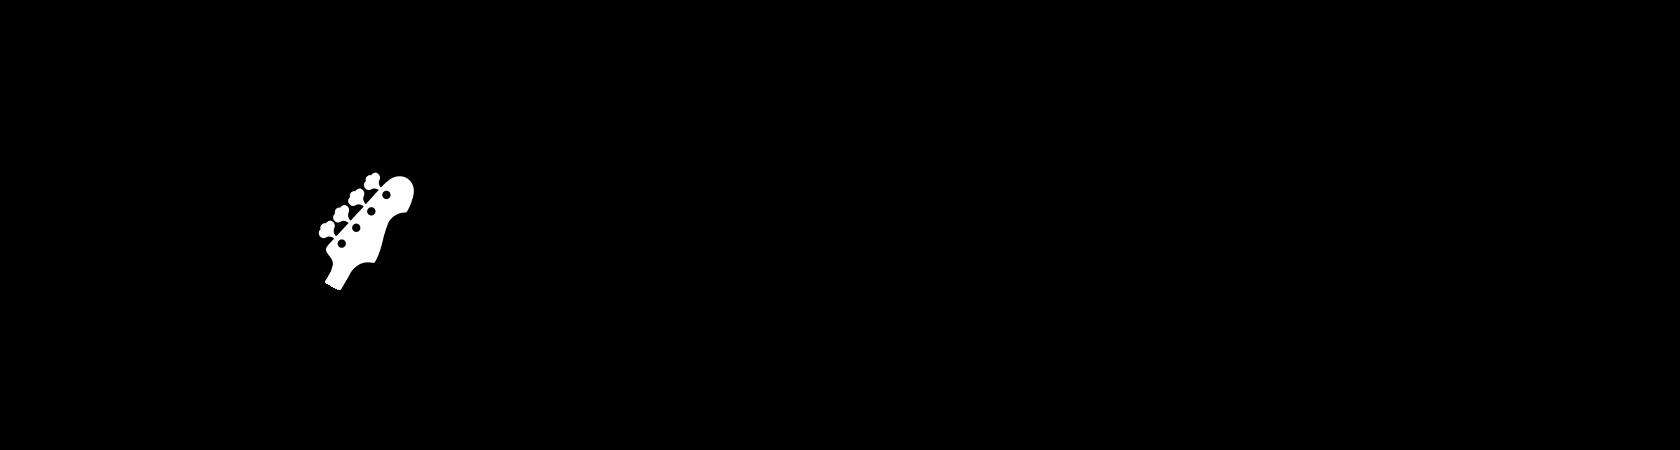 ナベコロベース塾